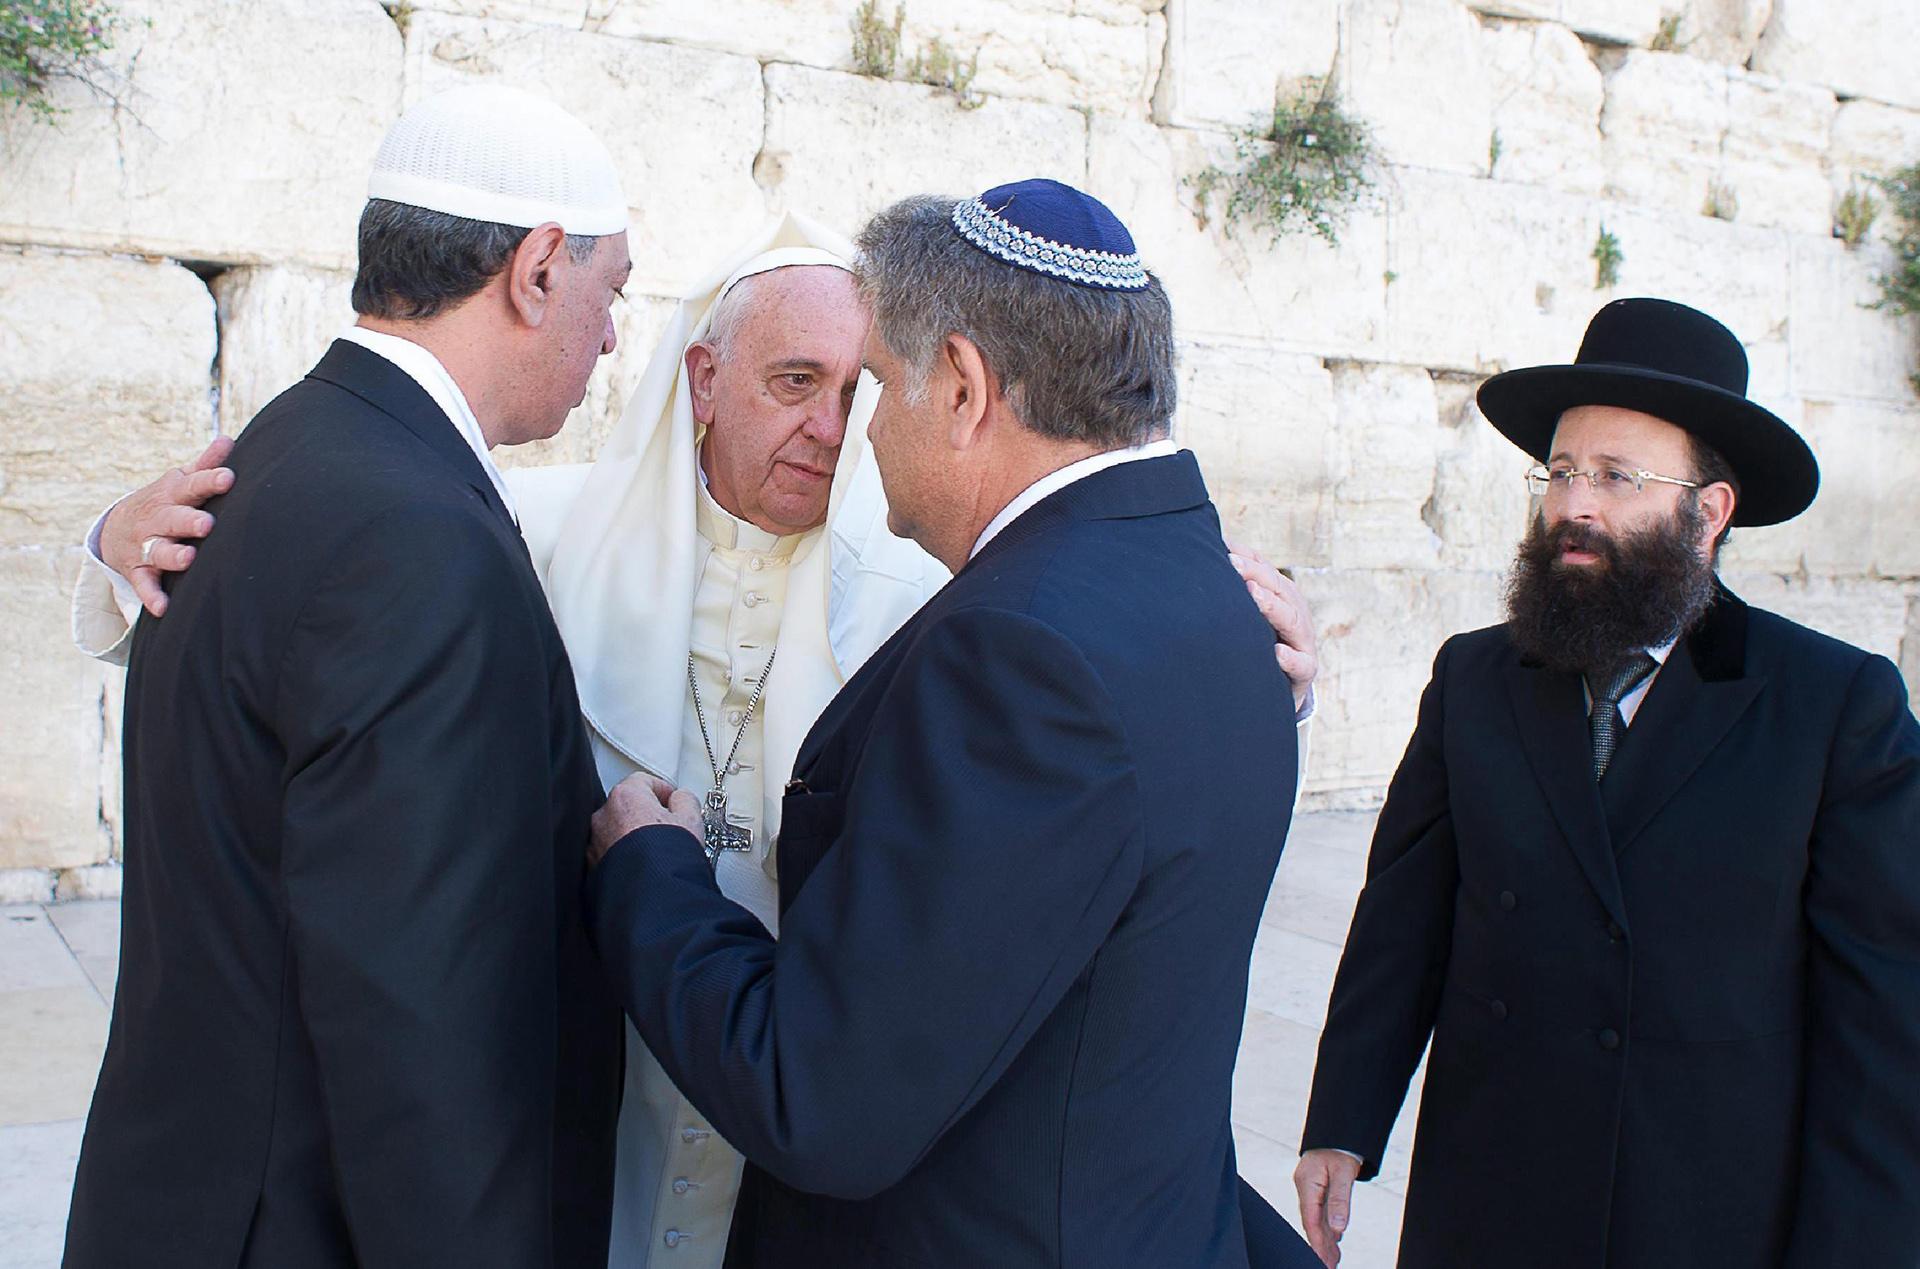 El papa Francisco conversa con sus amigos argentinos el rabino Abraham Skorka (2º de la derecha) y el líder musulmán Omar Abud (izquierda) junto al rabino del Muro de los Lamentos, Shmuel Rabinovitz (derecha), en Jerusalén, el lunes 26 de mayo de 2014